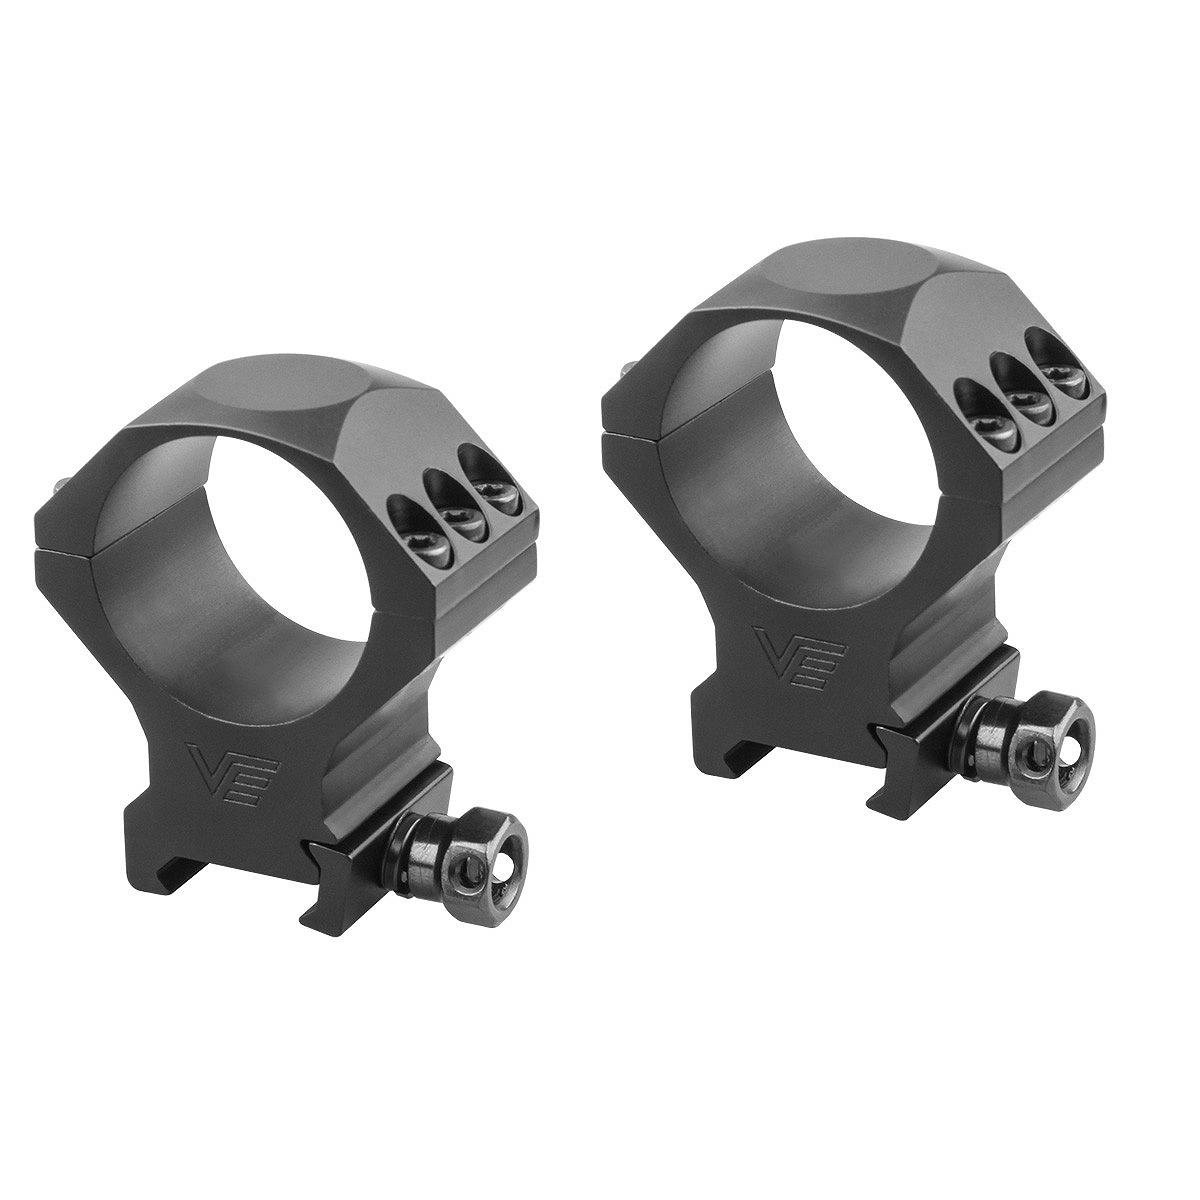 【お届け予定日: 5月30日】ベクターオプティクス ライフルスコープ コンチネンタル 1-6x28 FFP Vector Optics Continental 1-6x28 FFP